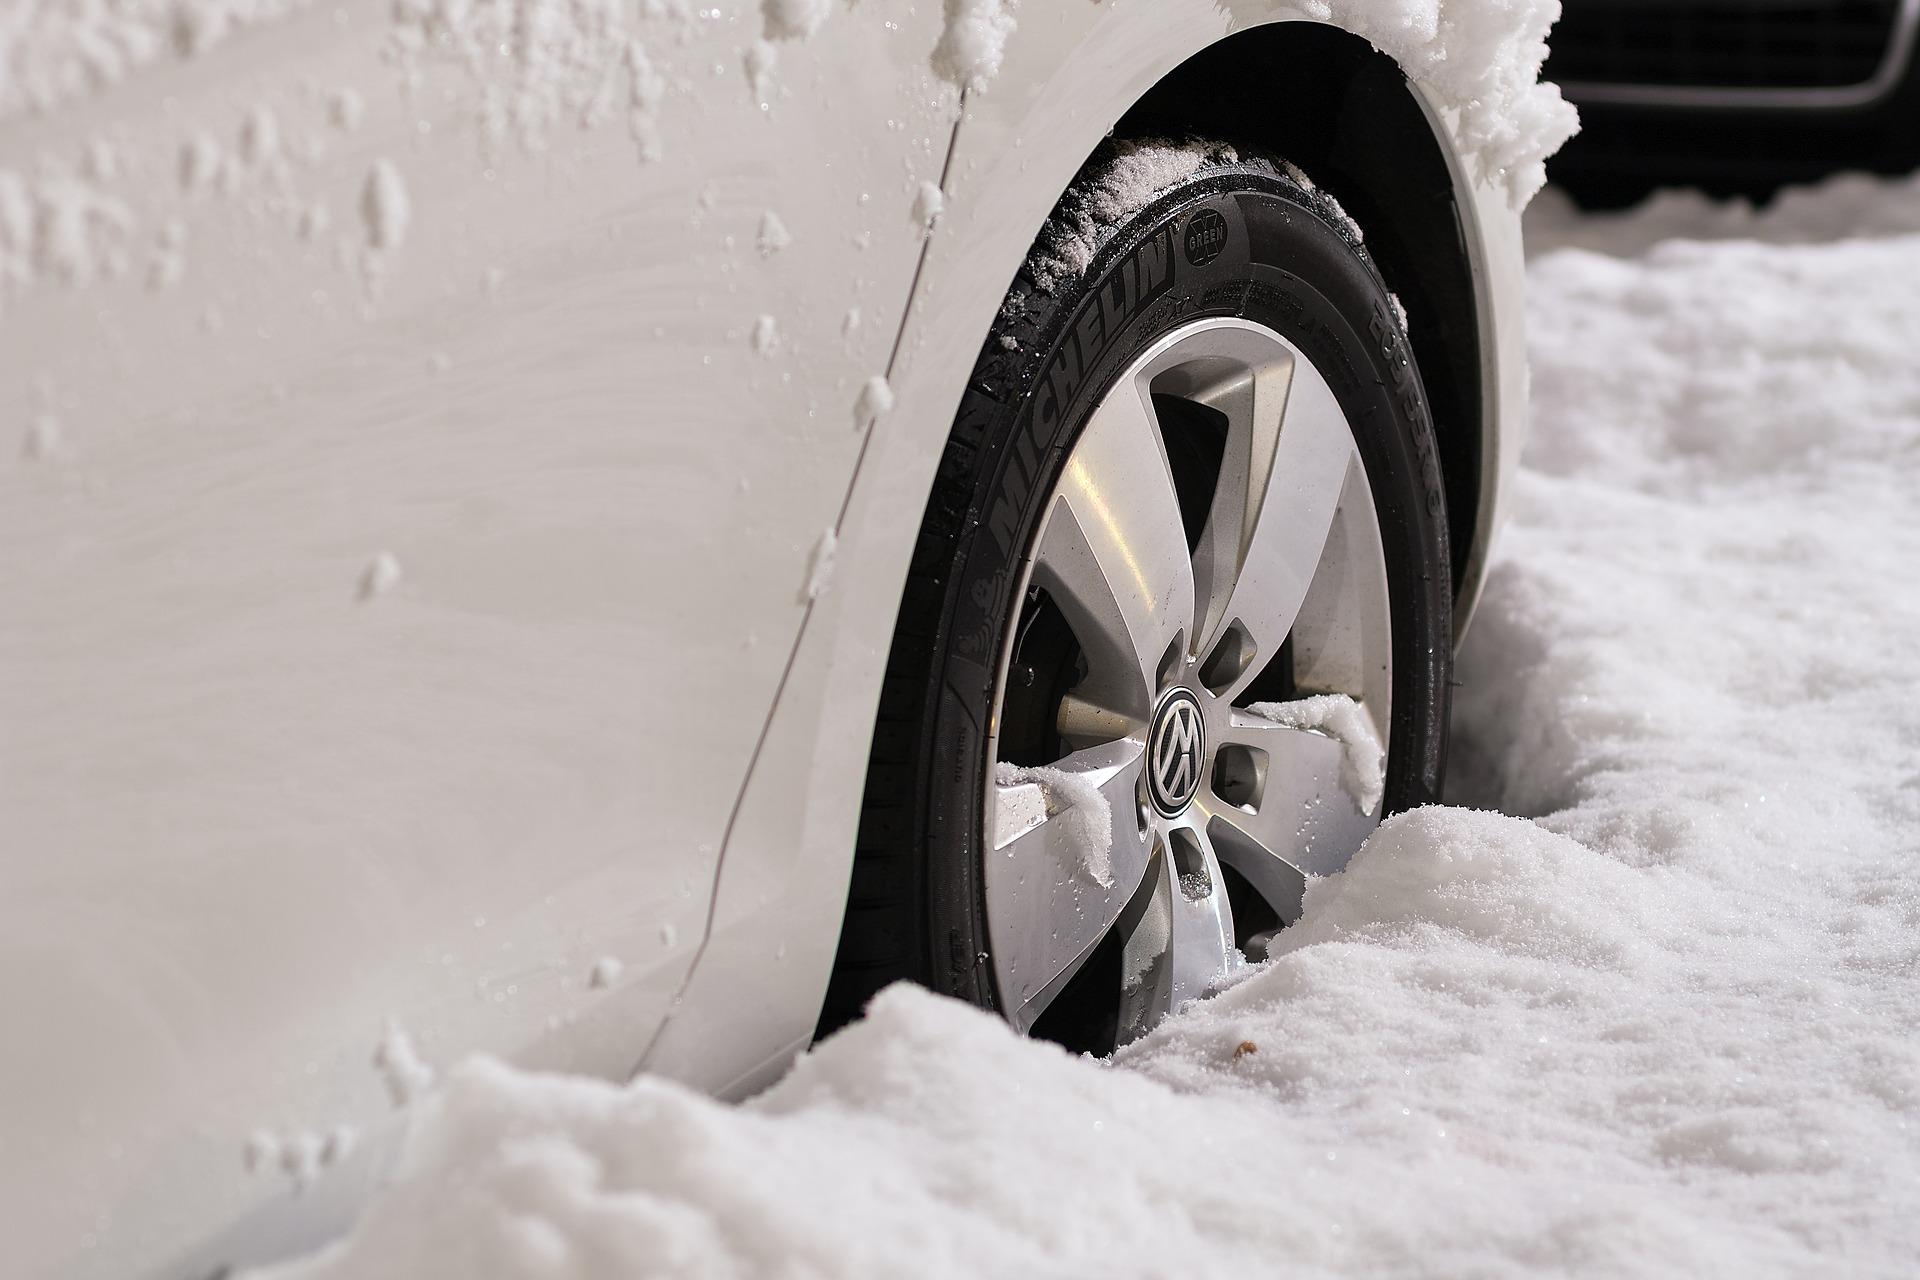 Wheel in stuck in snow